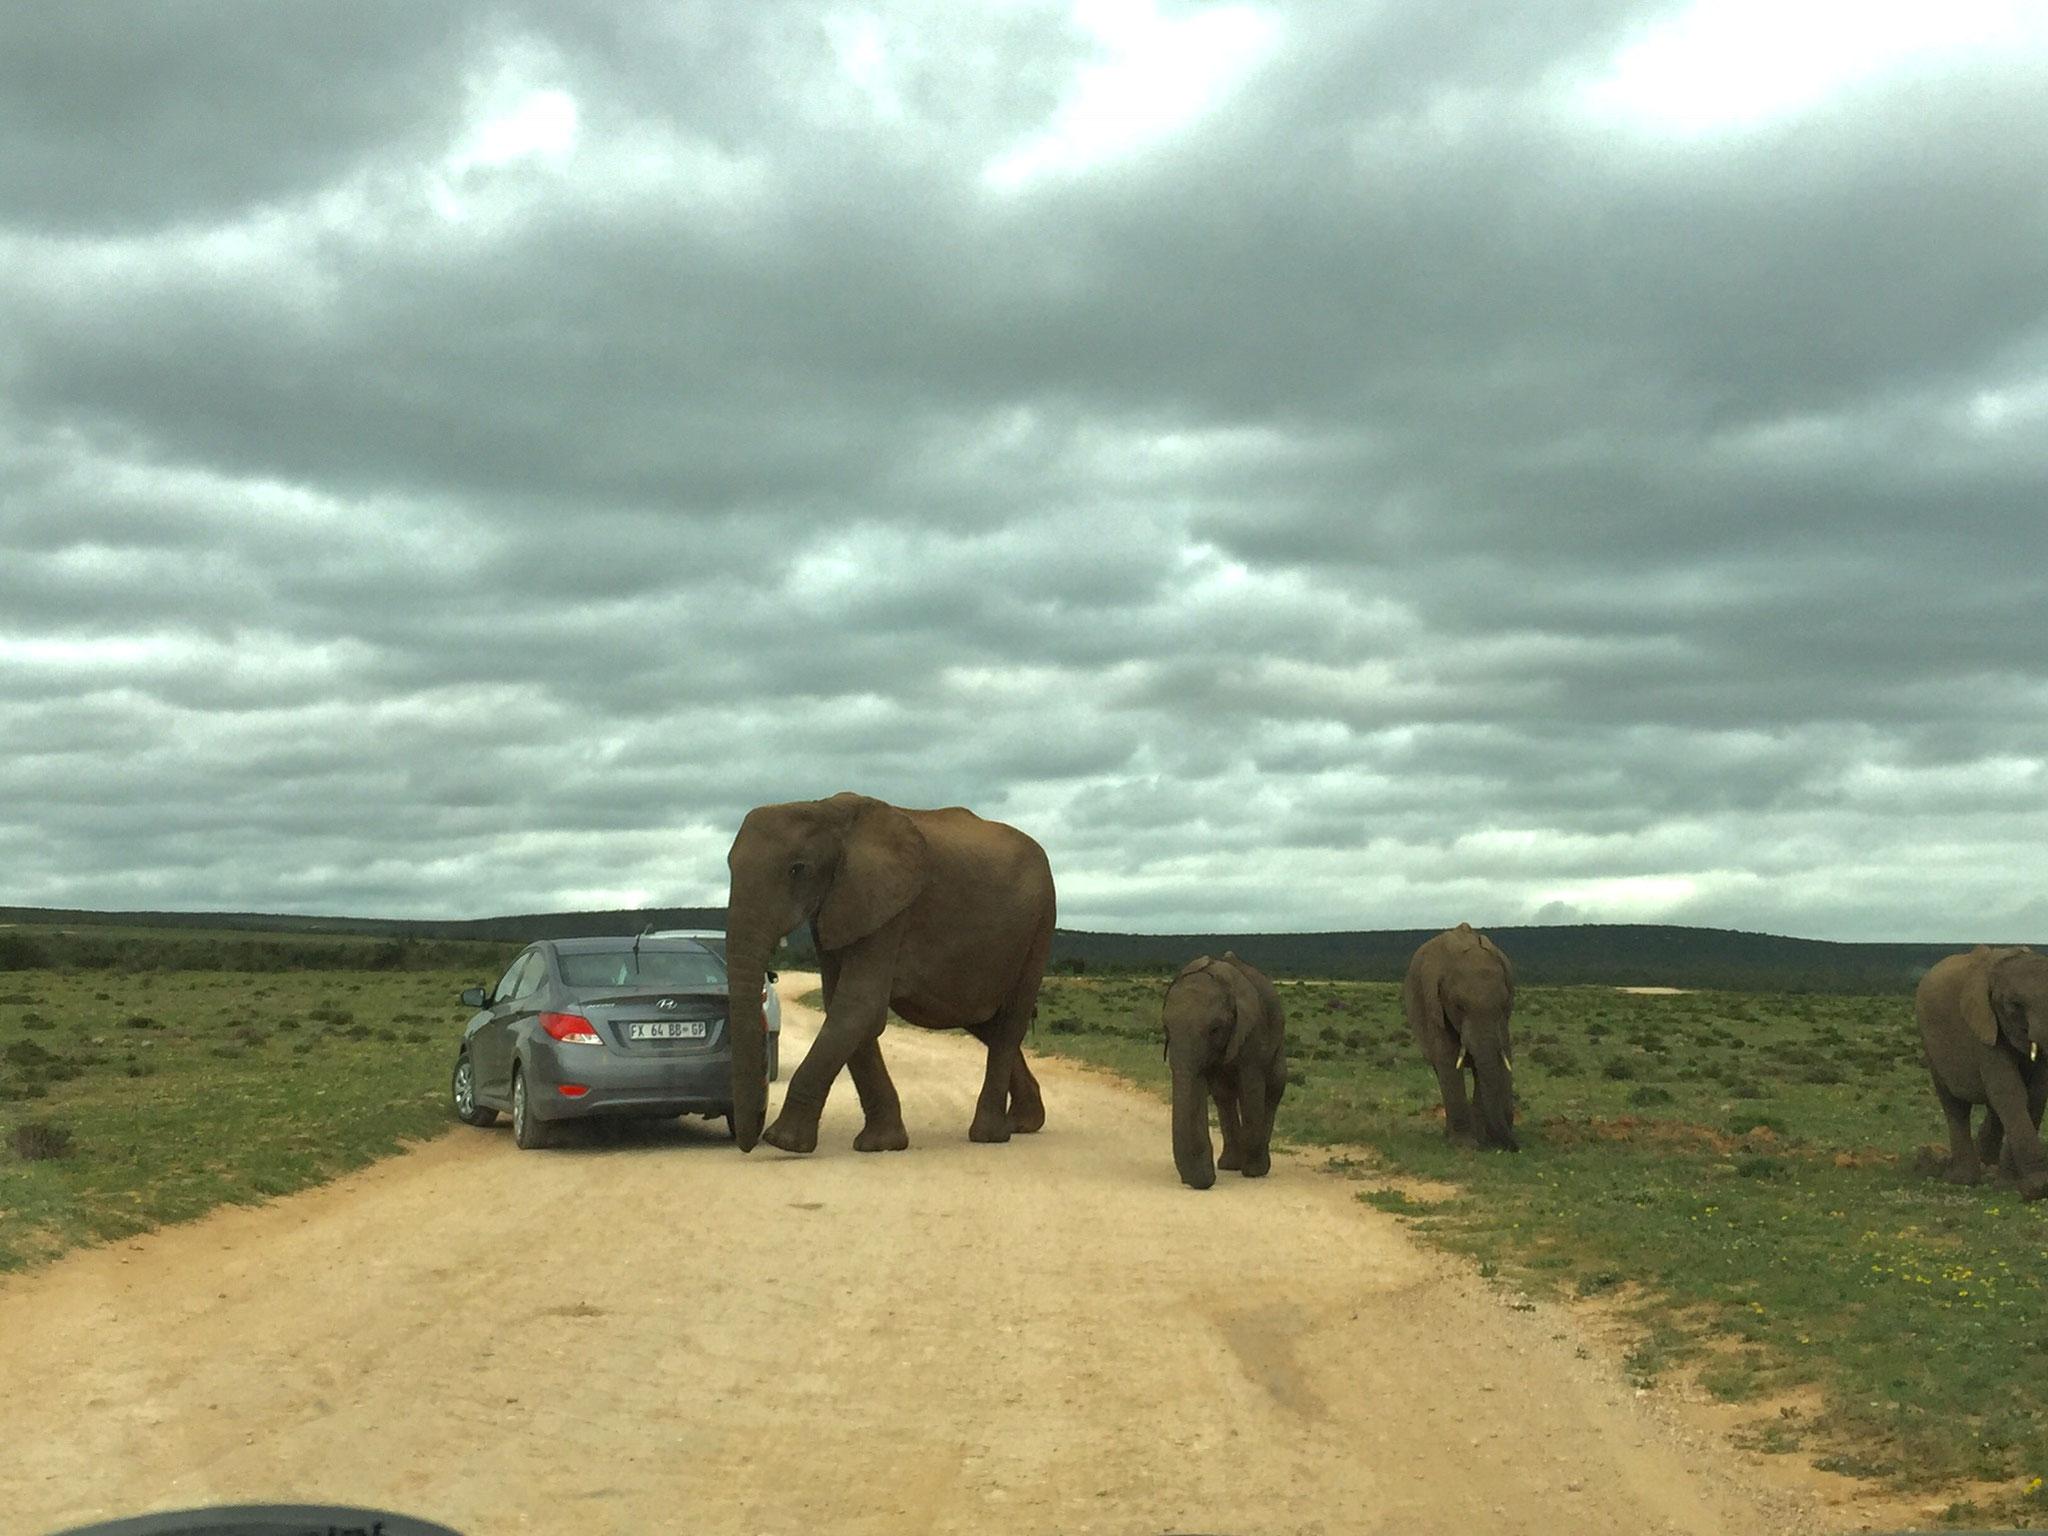 Elefanten im Addo Elephant National Park. Sie laufen auch schon mal direkt am Auto vorbei.